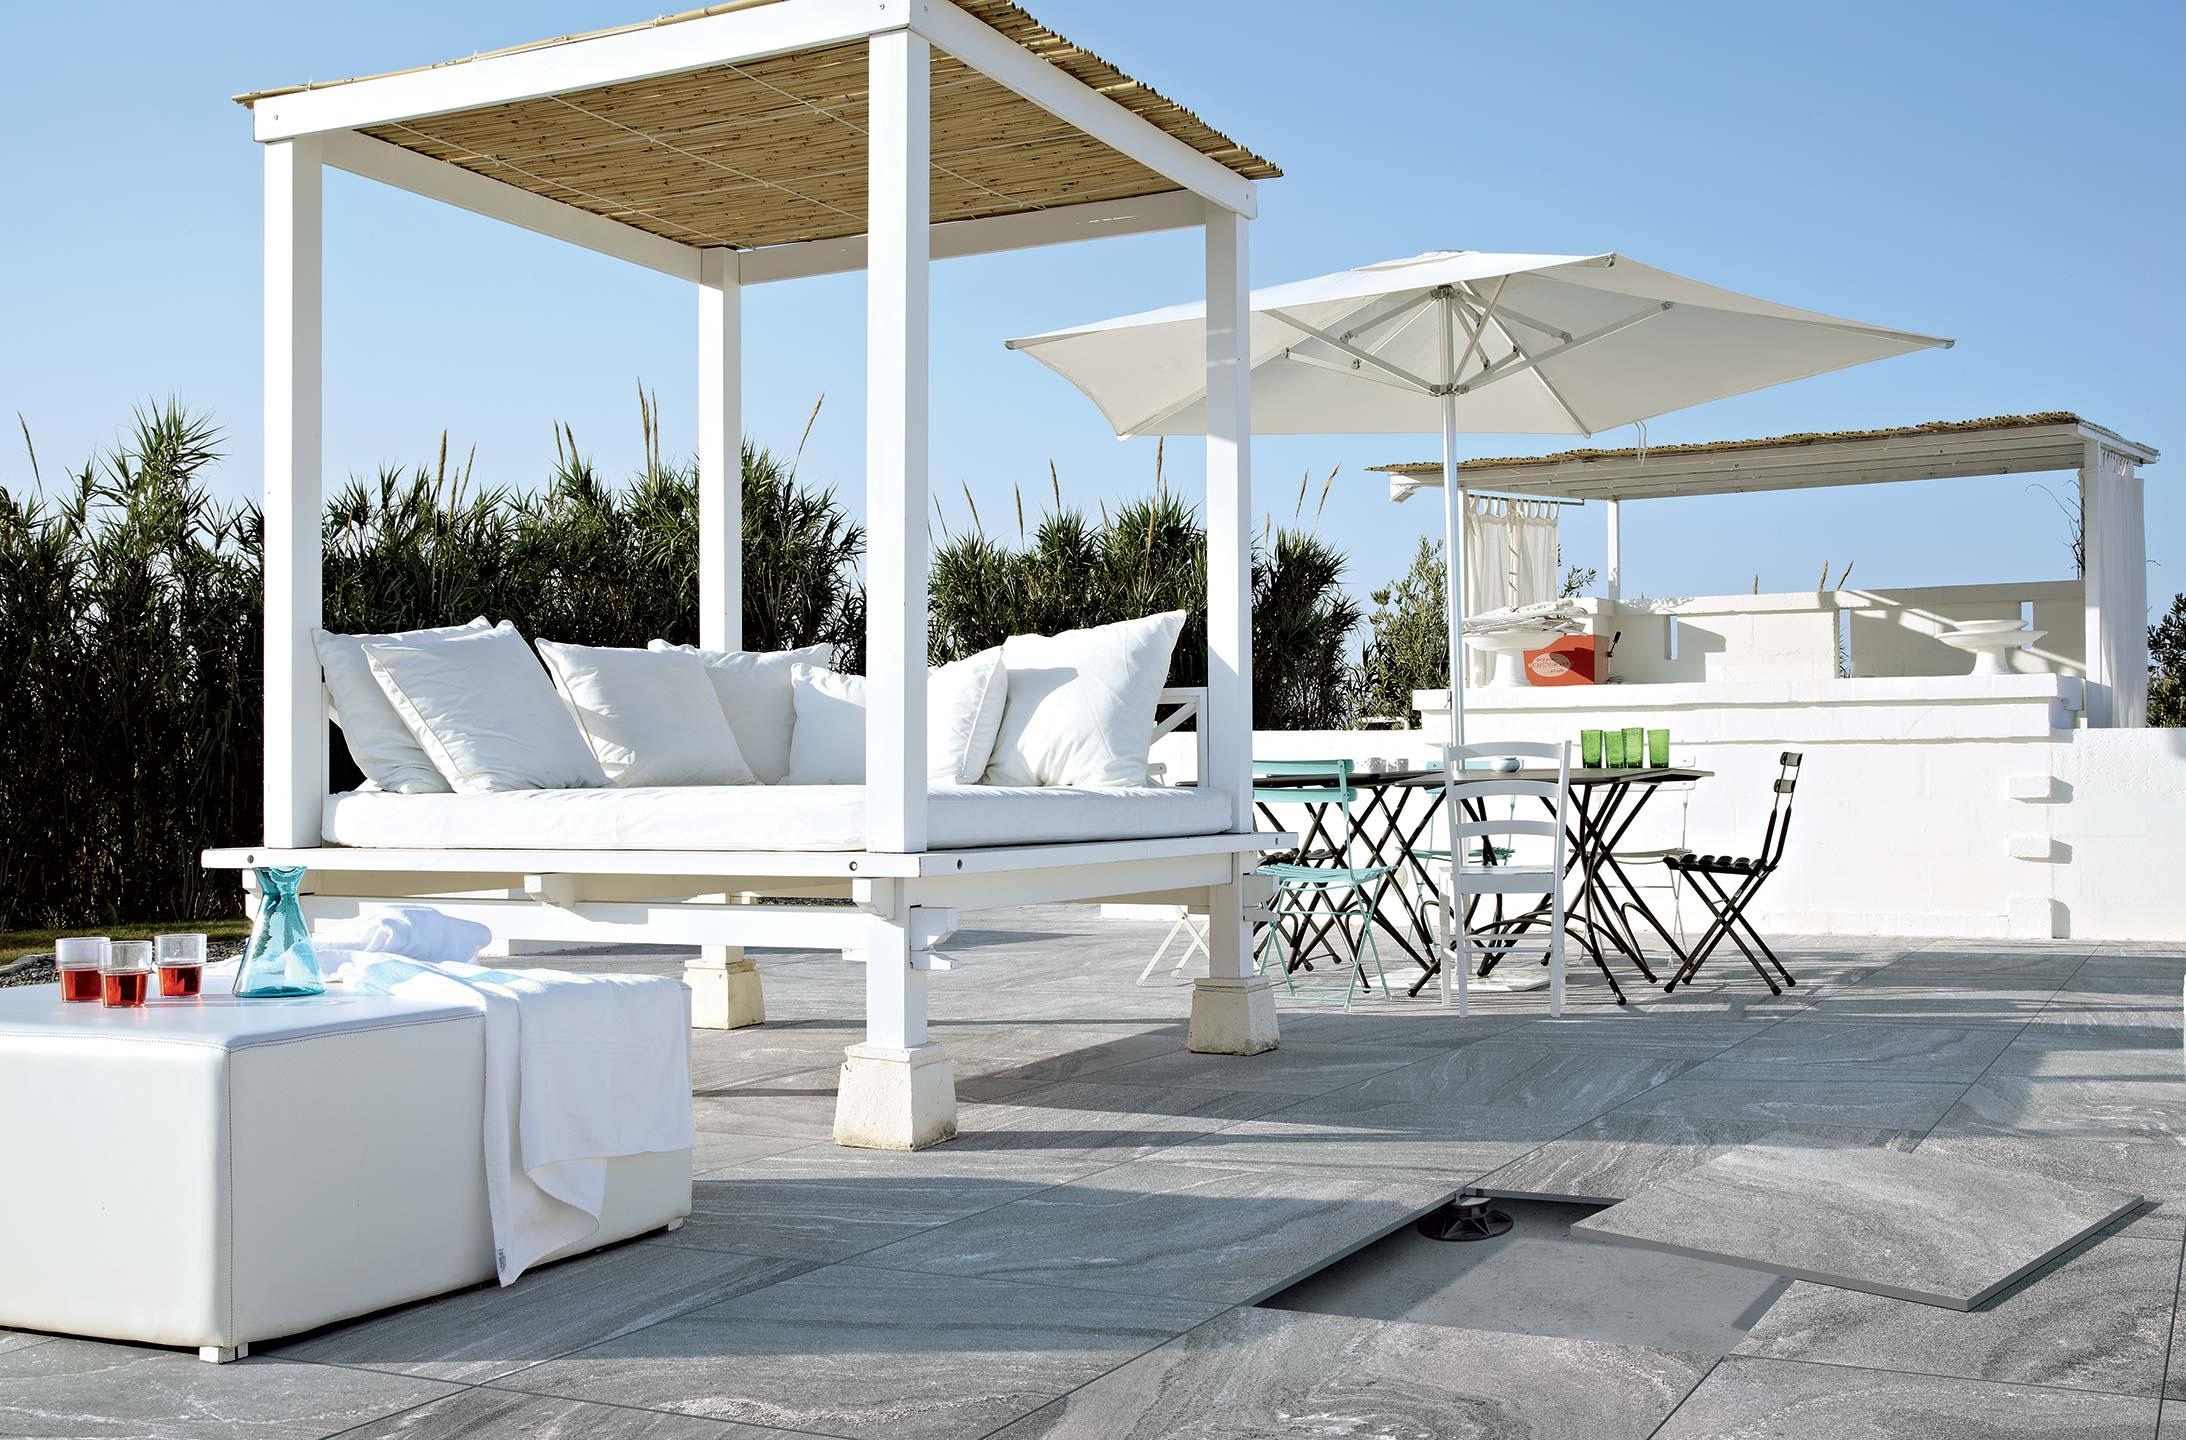 Pavimentos exteriores elevados para terrezas y jardines - Suelos para terrazas exteriores ...